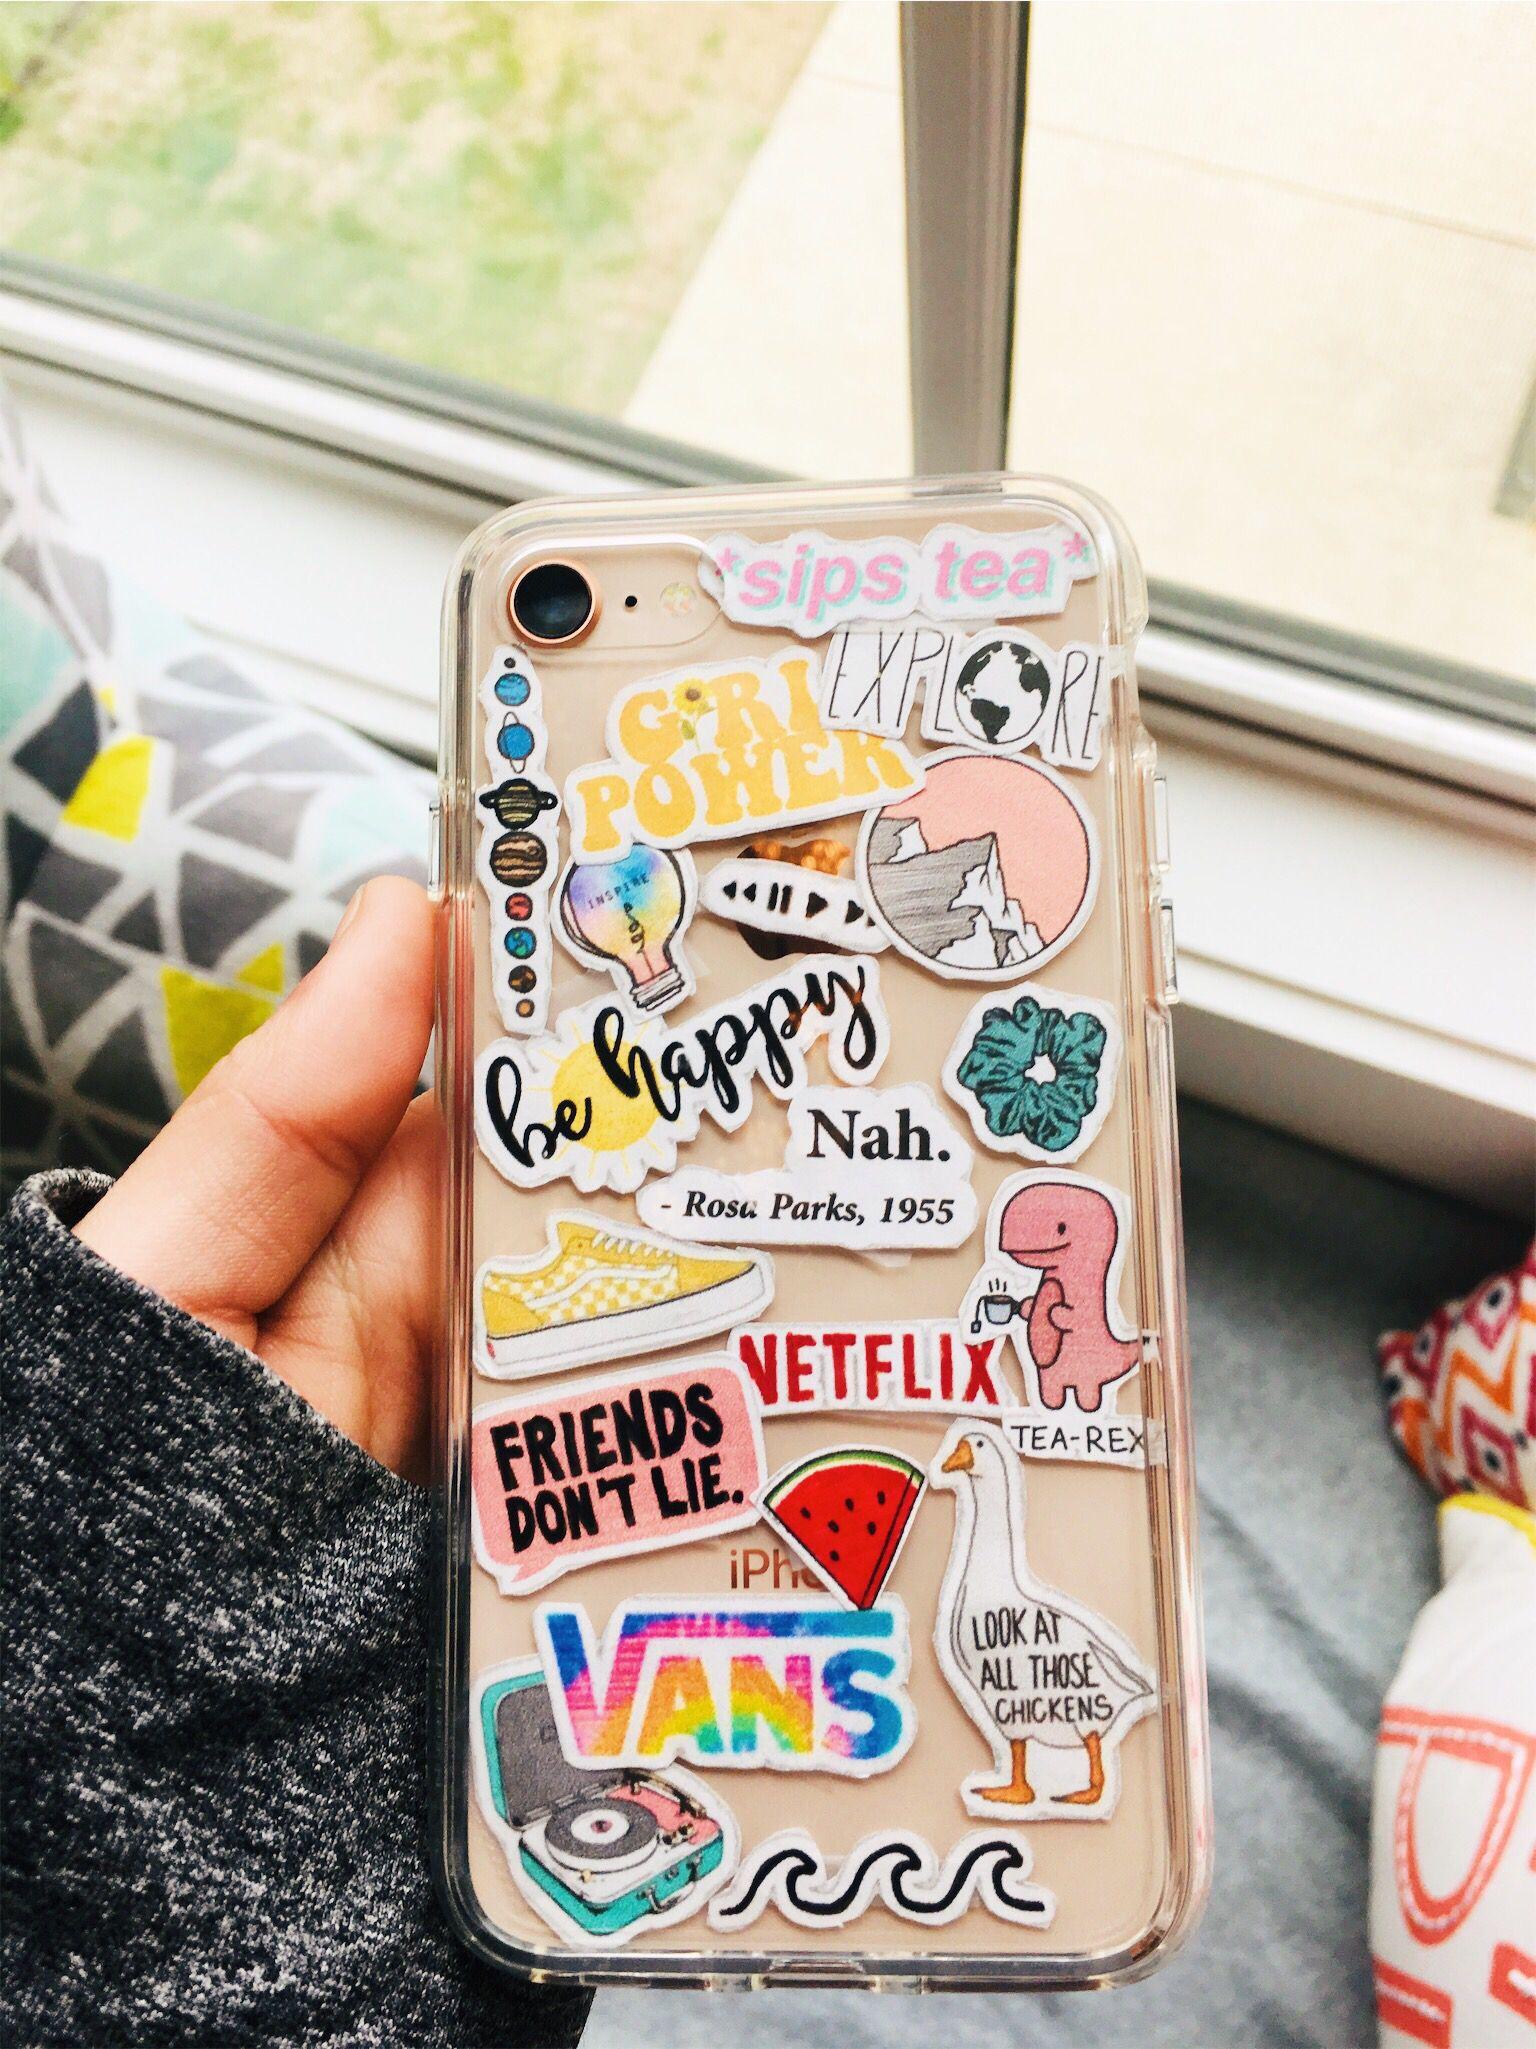 𝚙𝚒𝚗 ☆ HeyItsThatOneGirl ☆ 𝚏𝚘𝚕𝚕𝚘𝚠 𝚏𝚘𝚛 𝚖𝚘𝚛𝚎 | Tumblr phone ...